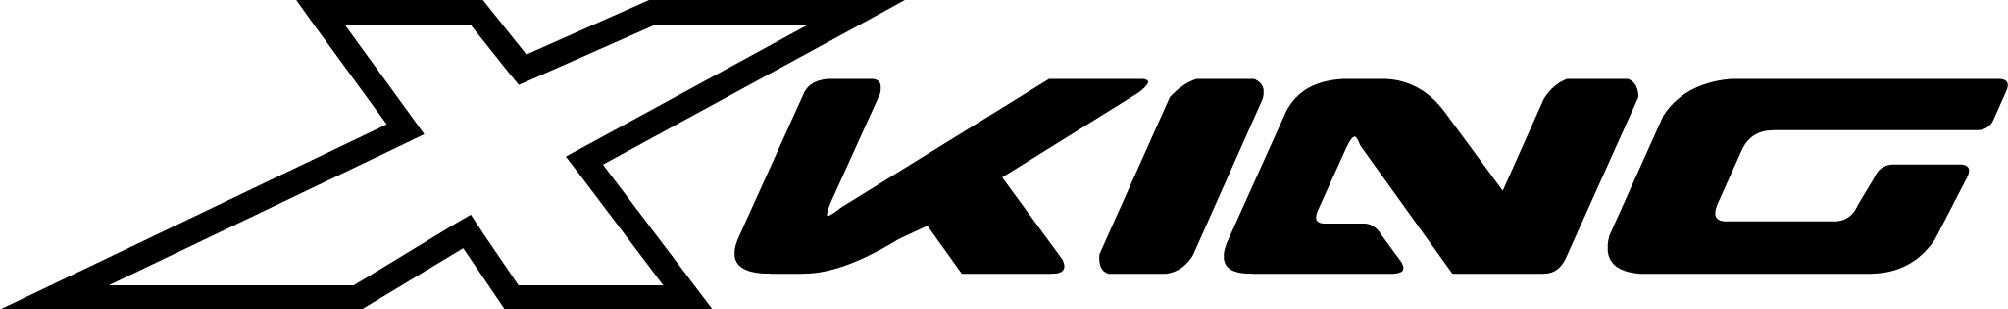 XKING